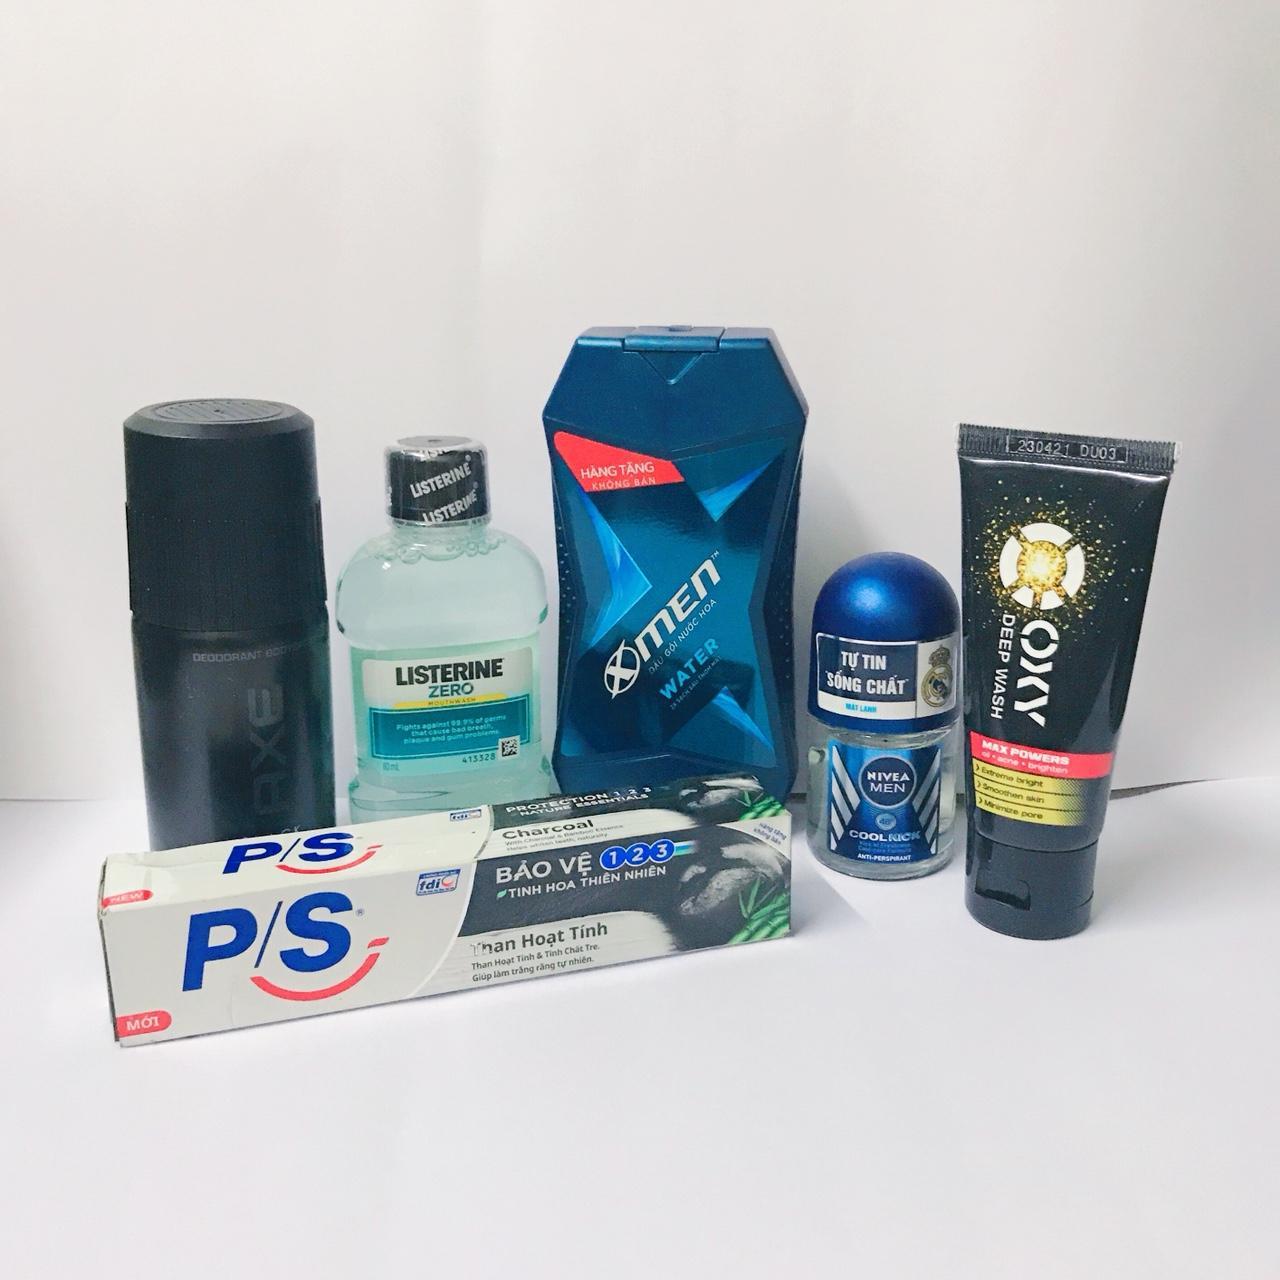 (NHH) Trọn bộ 6 Sản Phẩm Bao Gồm (1 Dầu Gội Đầu Xmen (70g/chai), 1 Xịt khử mùi AXE (50ml/chai), 1 Kem đánh răng P/s (30g/tuýp) + 1 Nước súc miệng Listerin (80ml), 1 Lăn khử mùi Nivea (12ml), 1 tuýp sữa rửa mặt Oxy (25g))